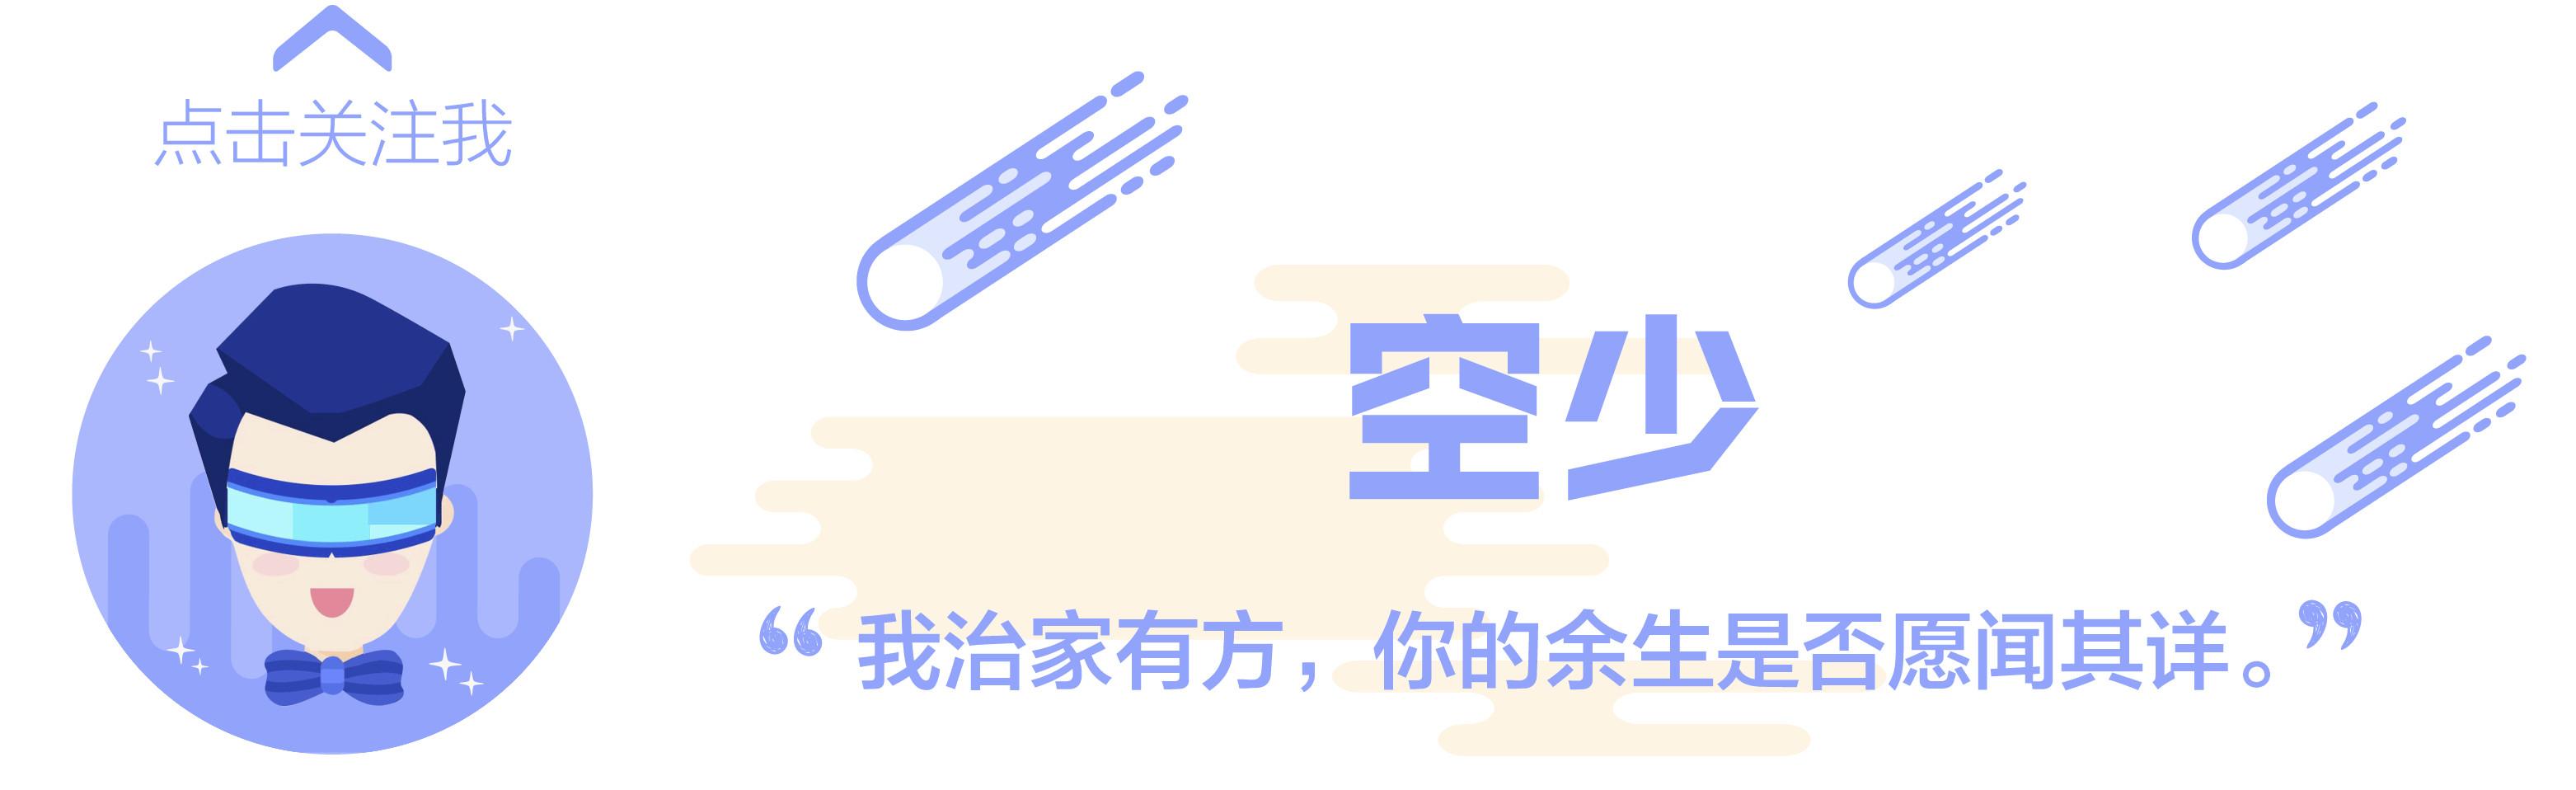 筷子不消毒比抹布还脏?真相令人吃惊!